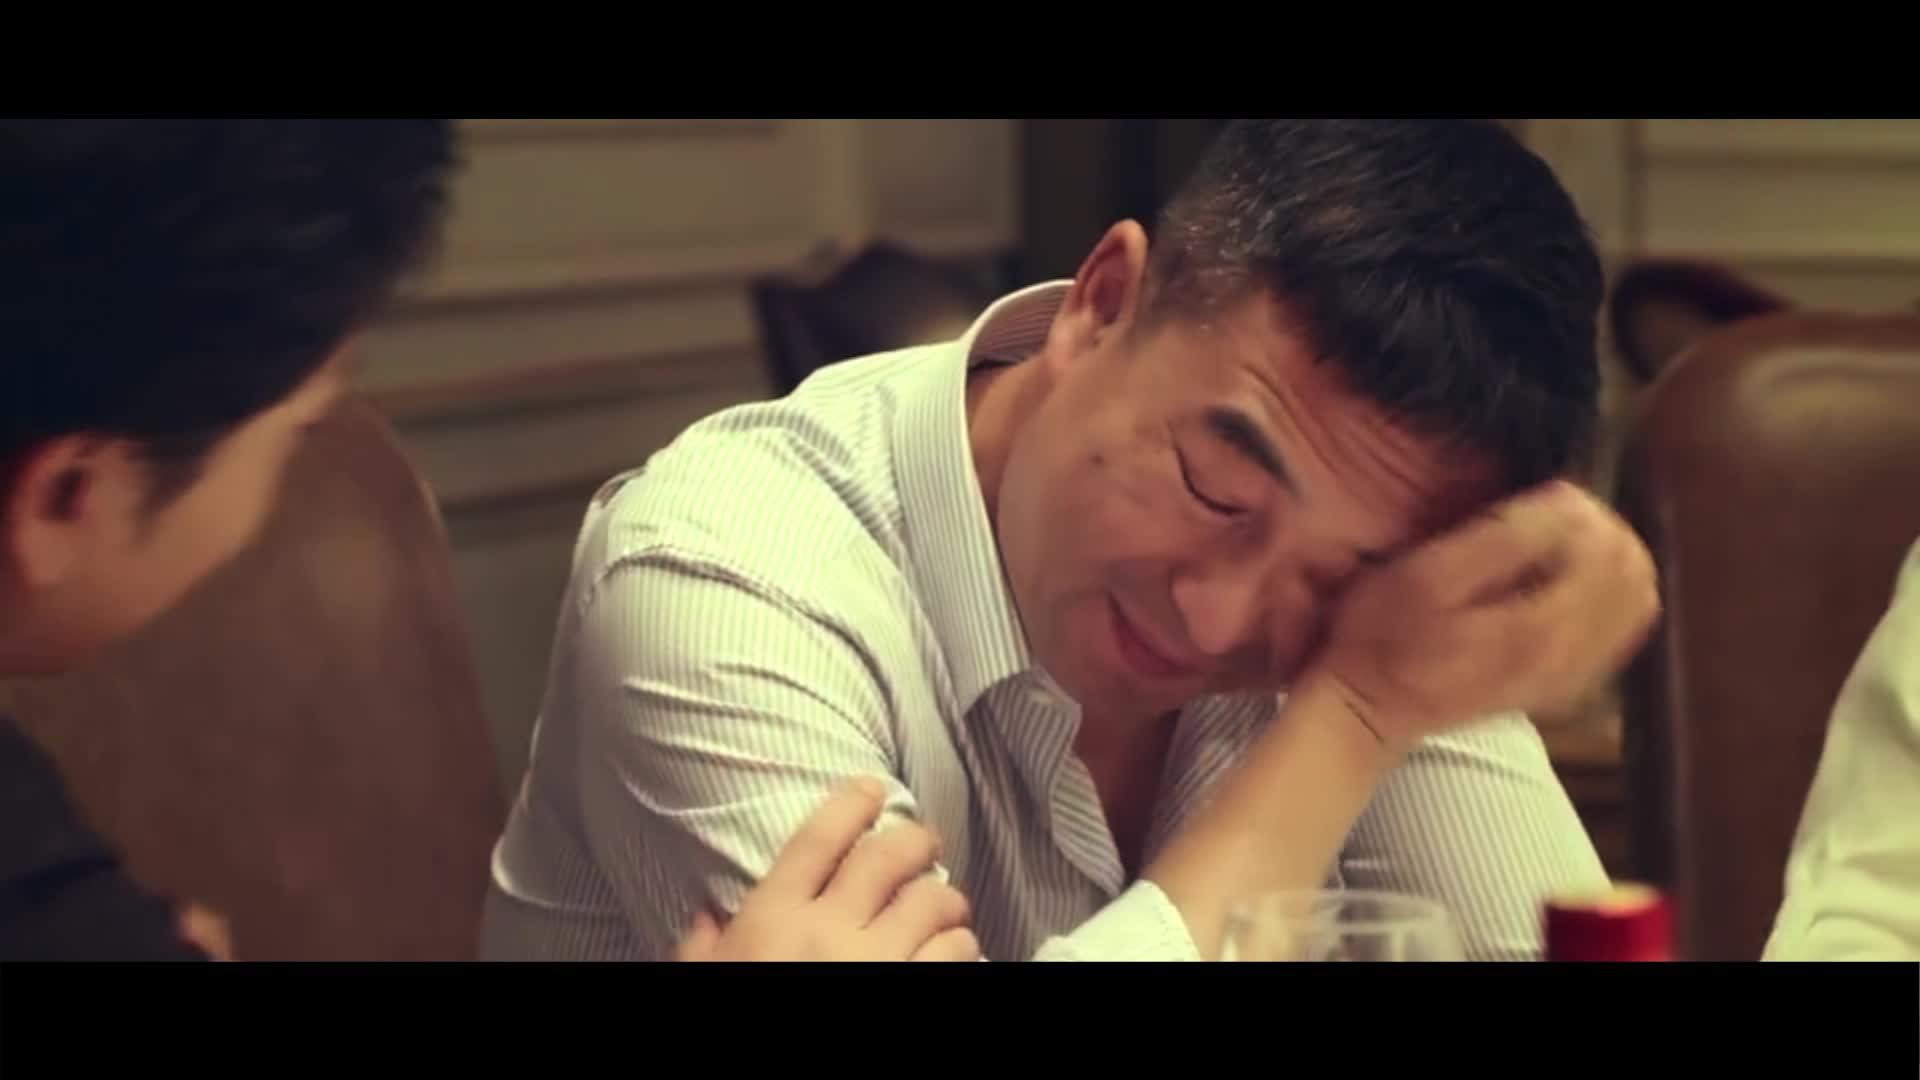 樊凡《普通朋友》-電視劇《我的!體育老師》插曲-音樂視頻-搜狐視頻